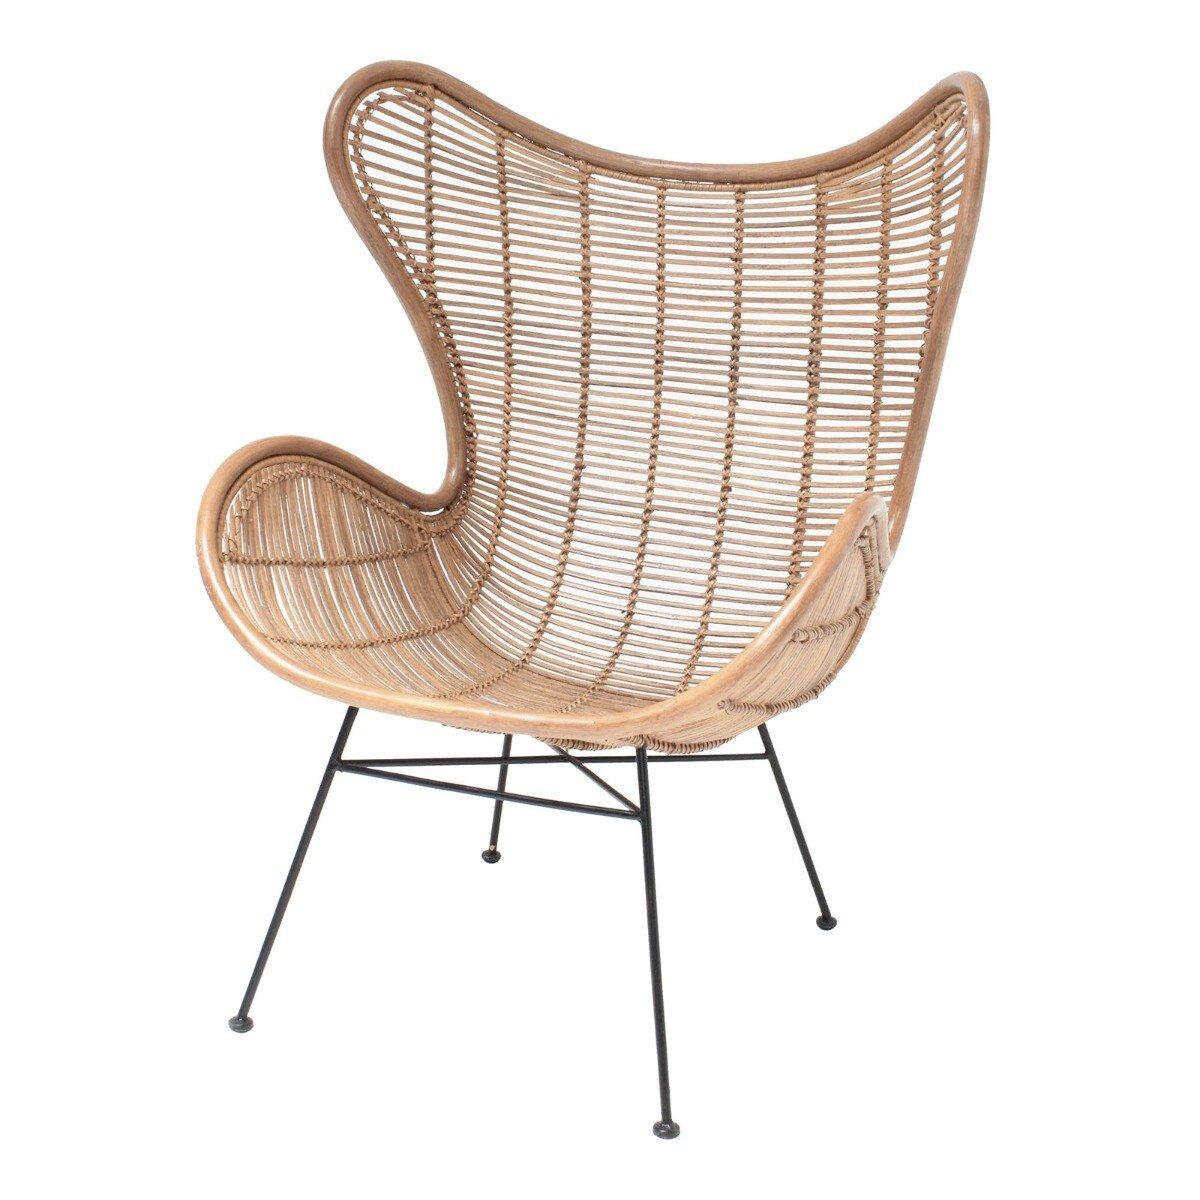 HKliving fauteuil rotan naturel 110 x 70 x 83